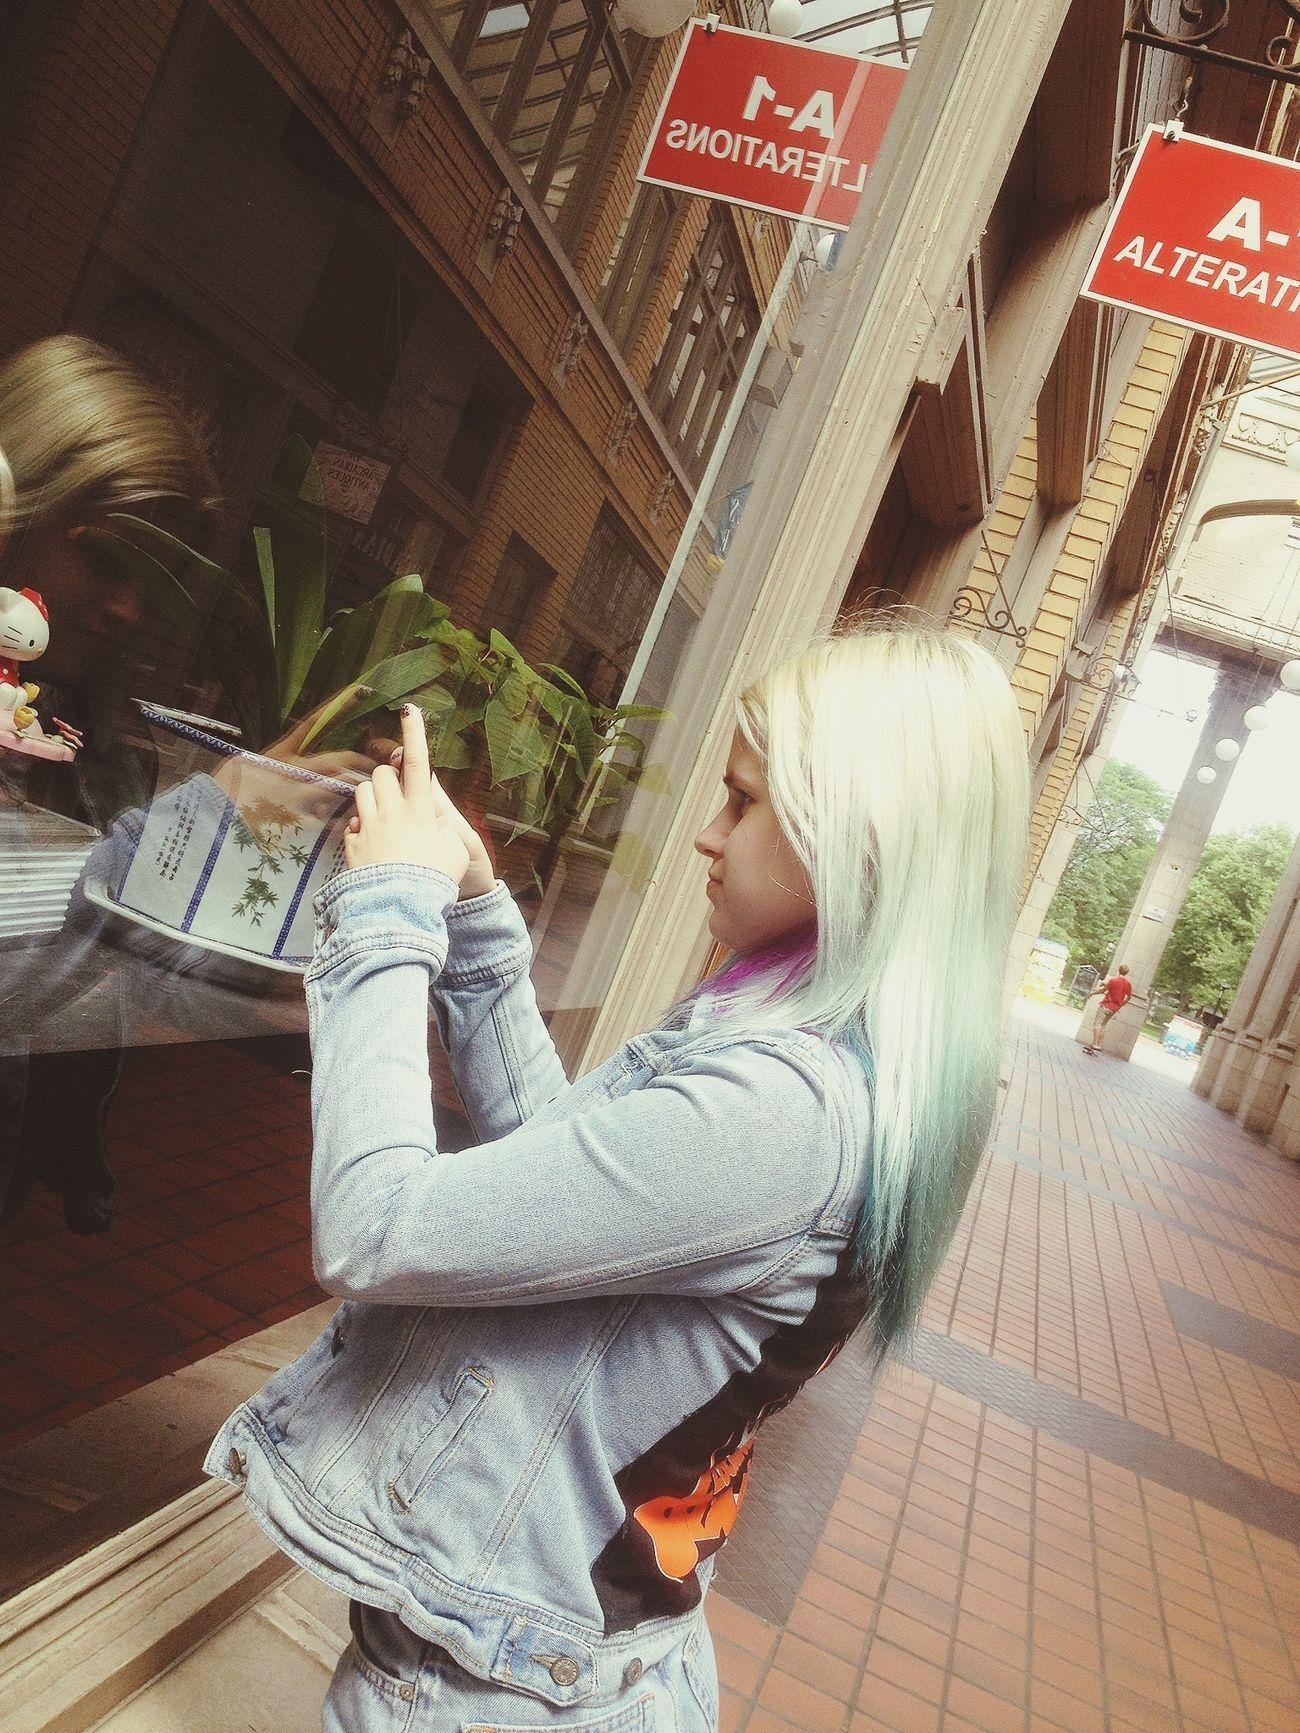 Taking Photos Of People Taking Photos